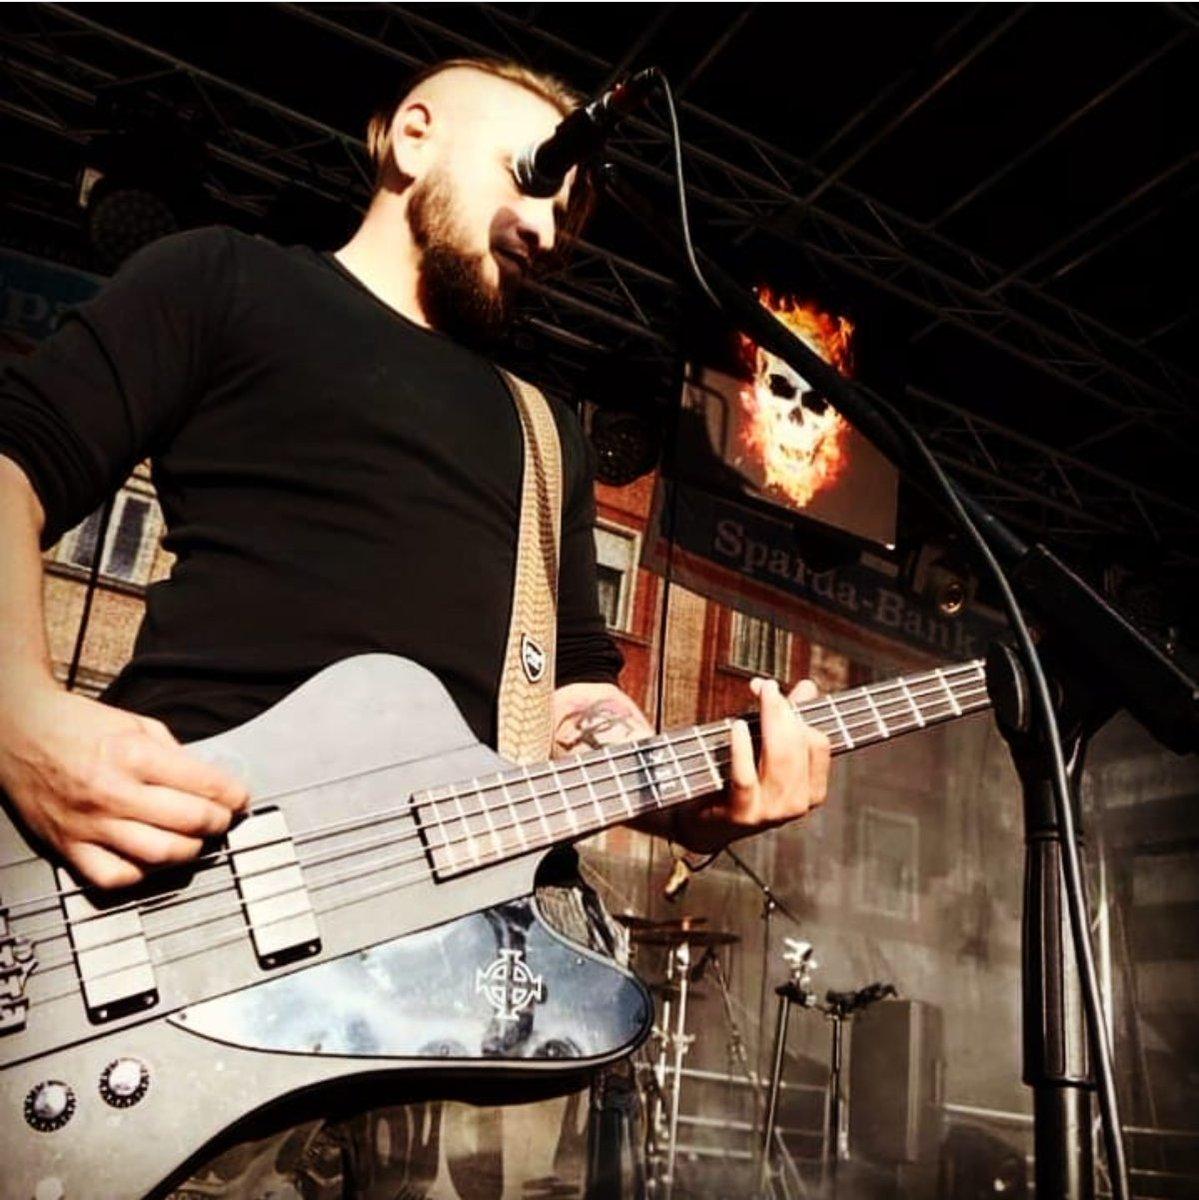 """Ein #Sommertag in #Oberhausen """"Willkommen im Paradies / Wir stecken in der Falle / Wir werden im Feuer sterben / Gott hast uns wirklich alle!""""  #Rock #deutschrock #gothic #metal #ndh #openair #rocknews #metachemie https://www.instagram.com/p/B8rK3VYlW1p/?igshid=1mkqjcls2b5qr…pic.twitter.com/76iRCdZ02a"""